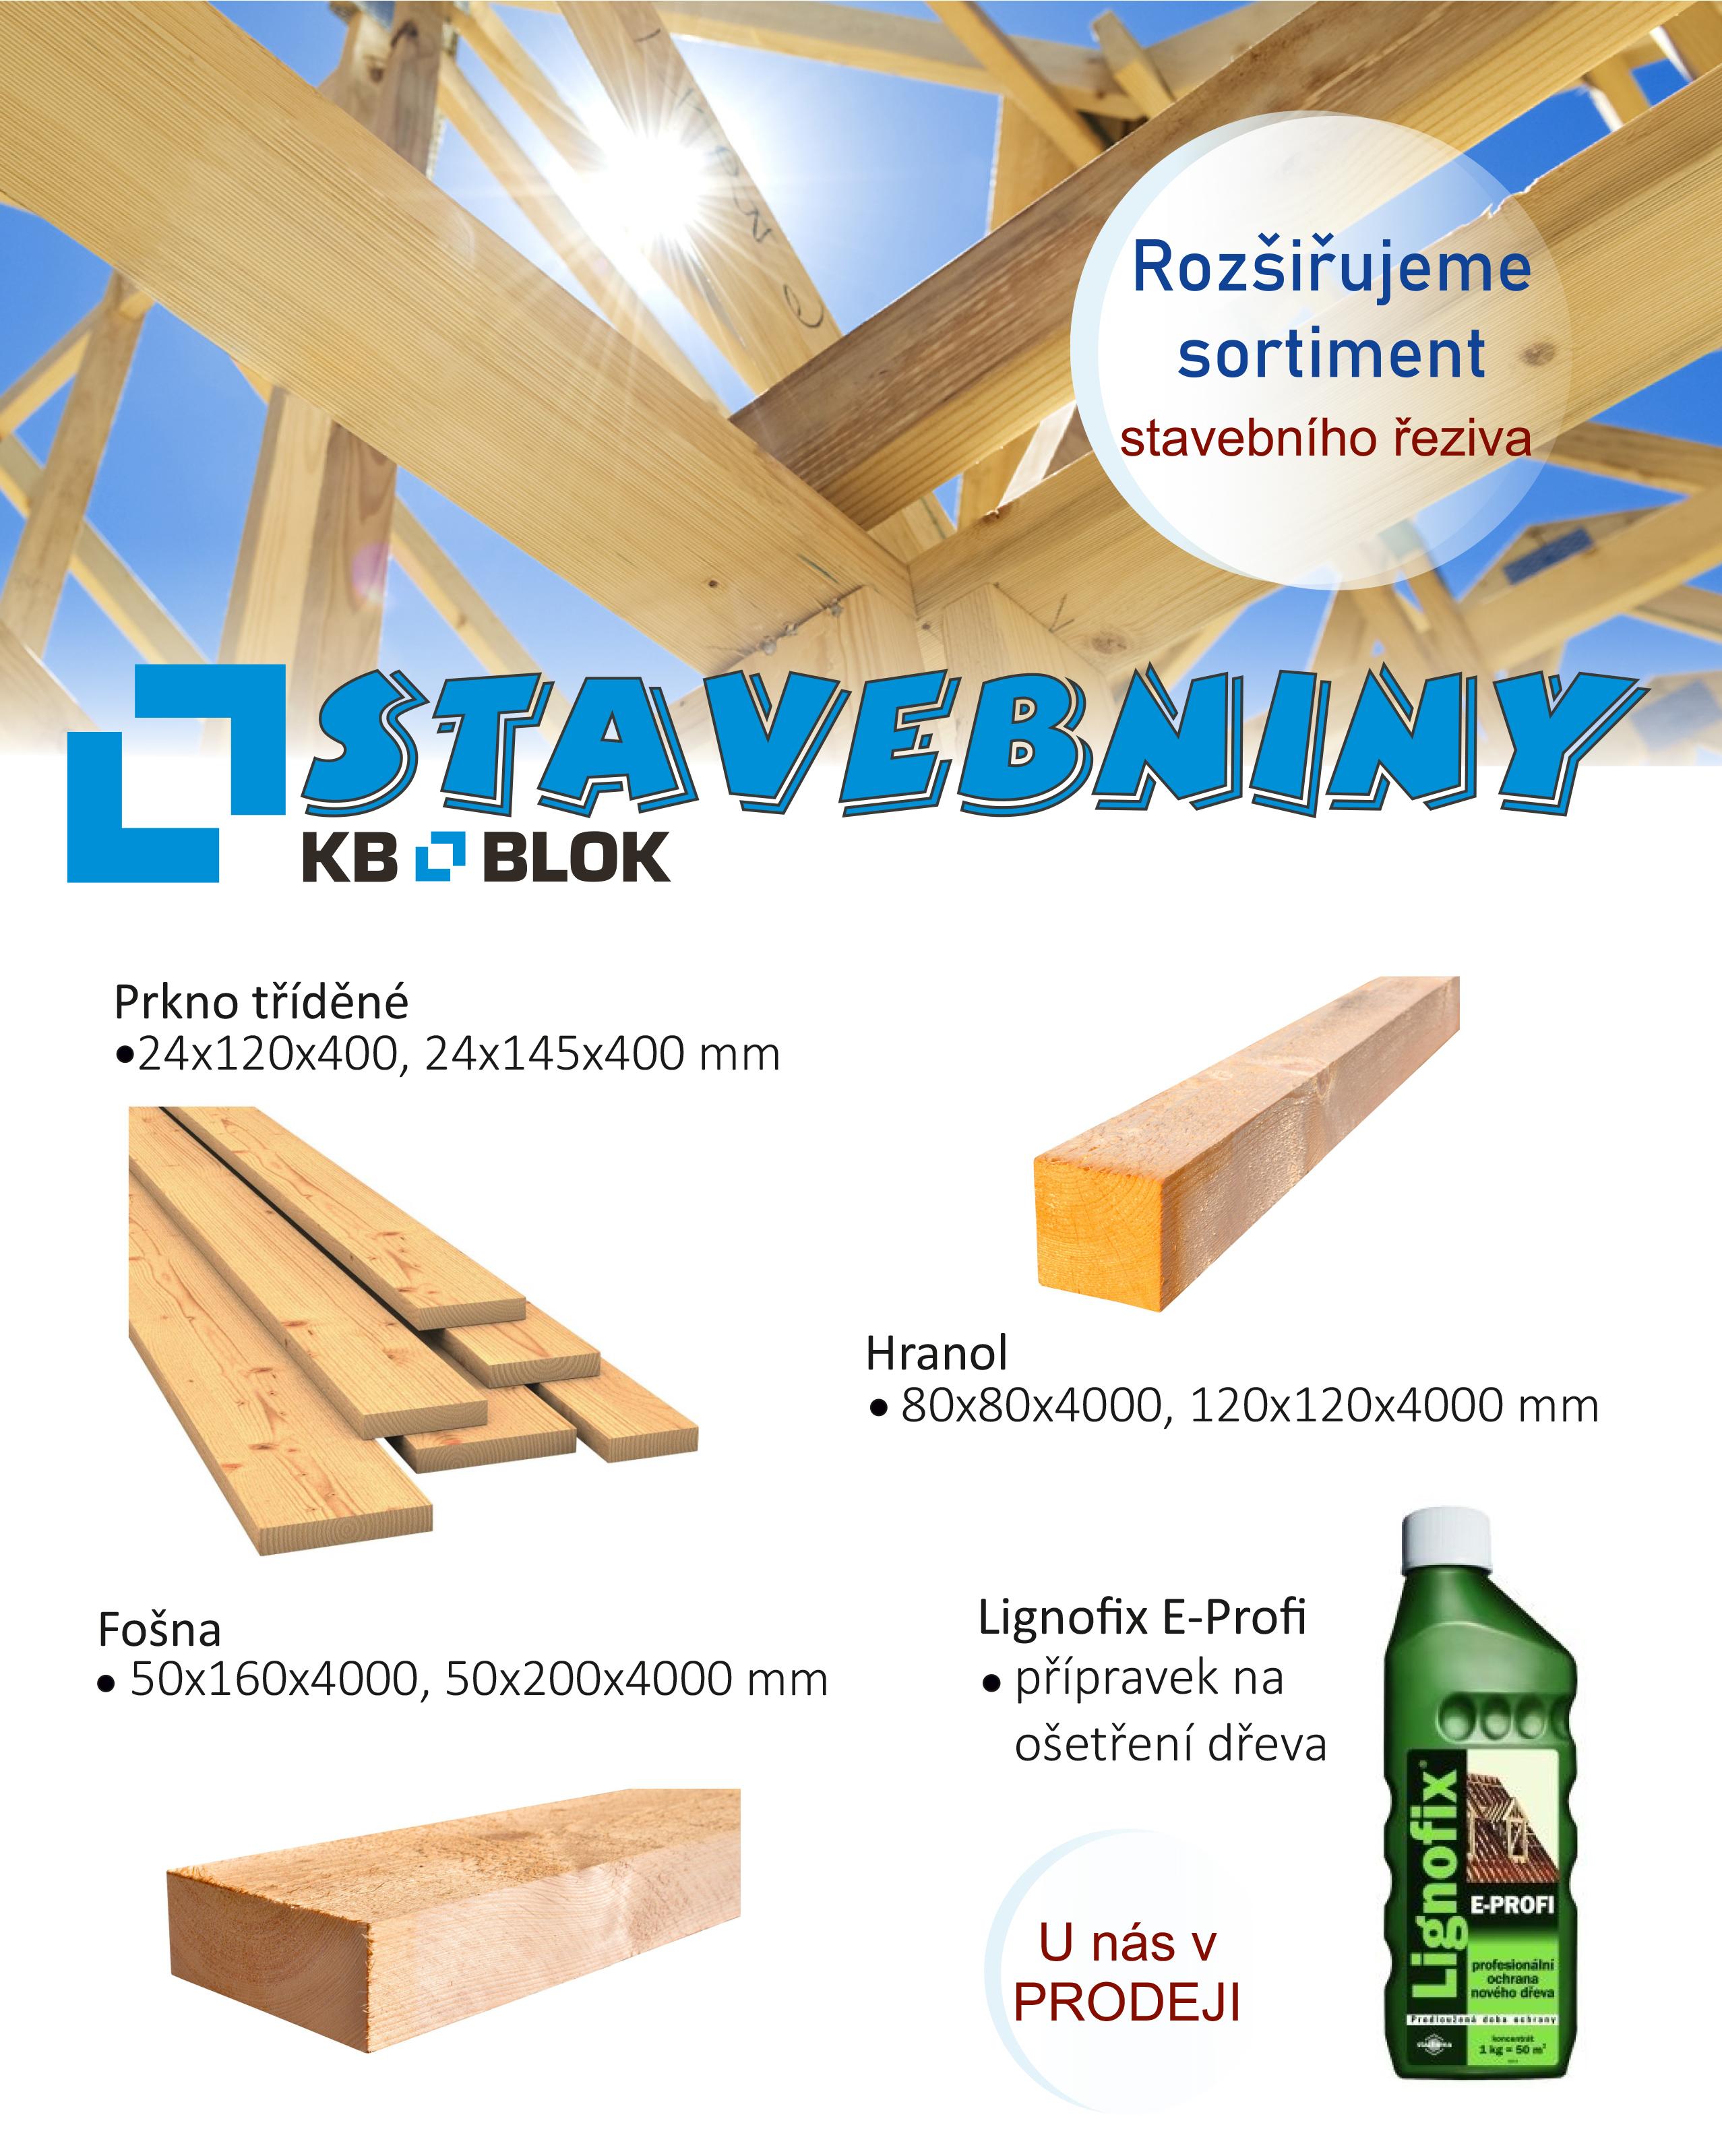 Rozšiřujeme sortiment stavebního řeziva